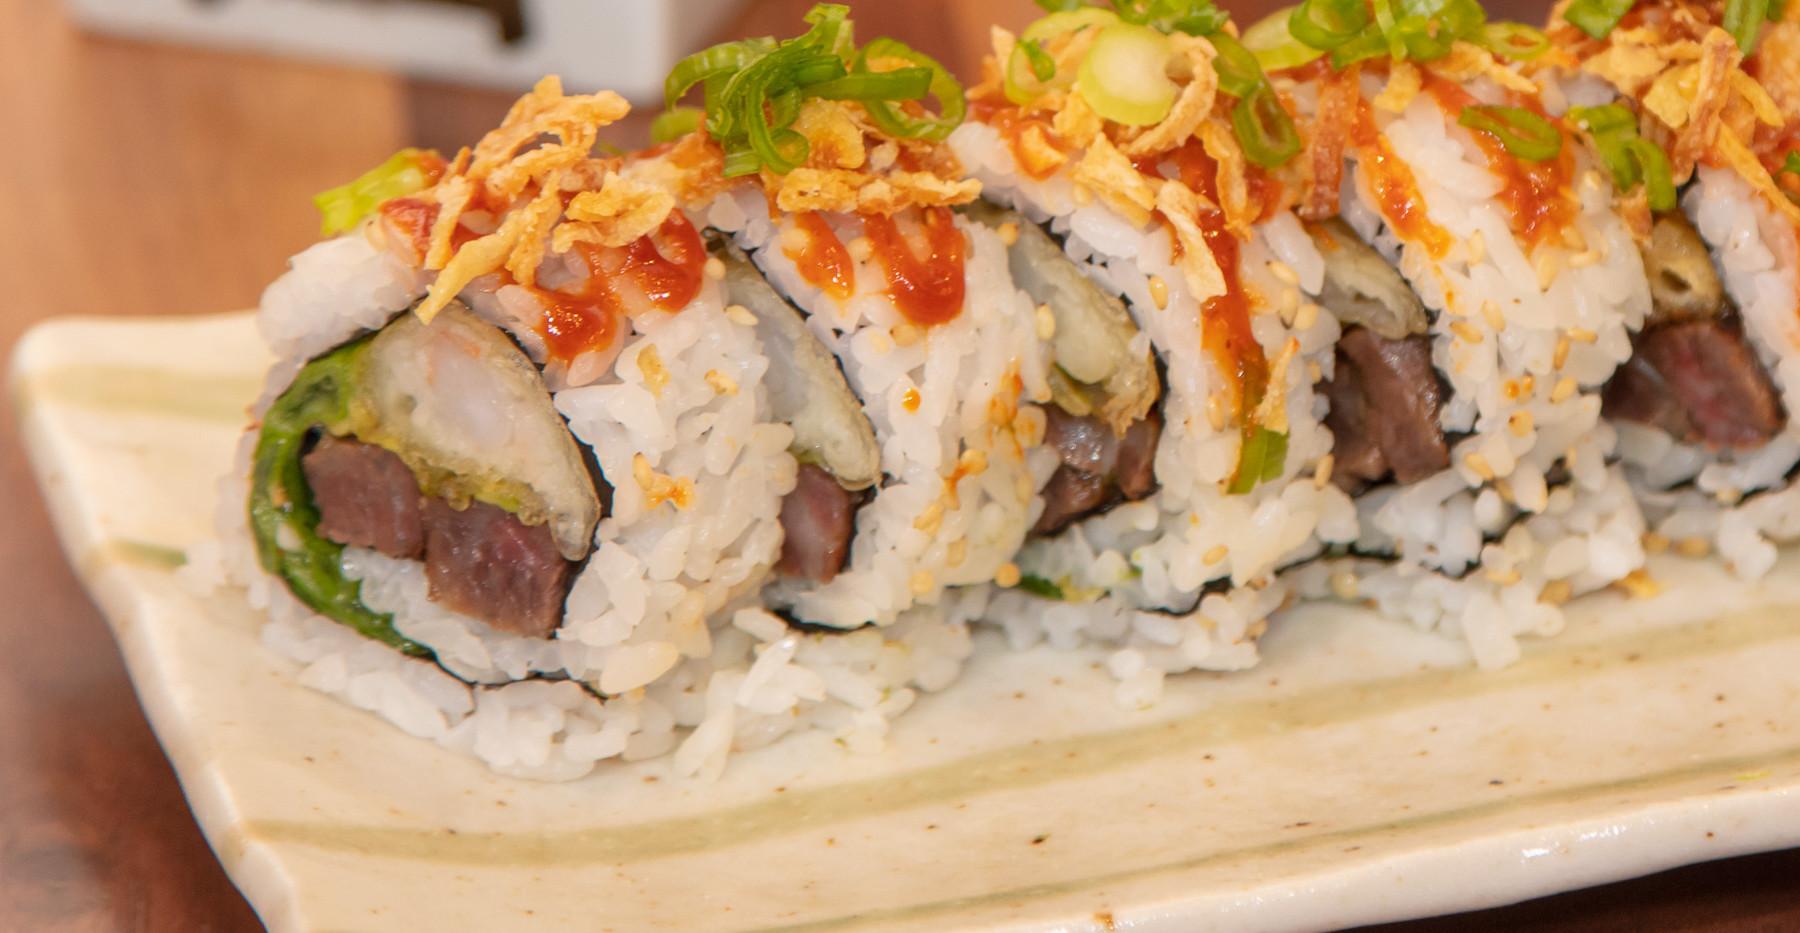 Sushi Rolls - set 5 - 1Z3A1590.jpg